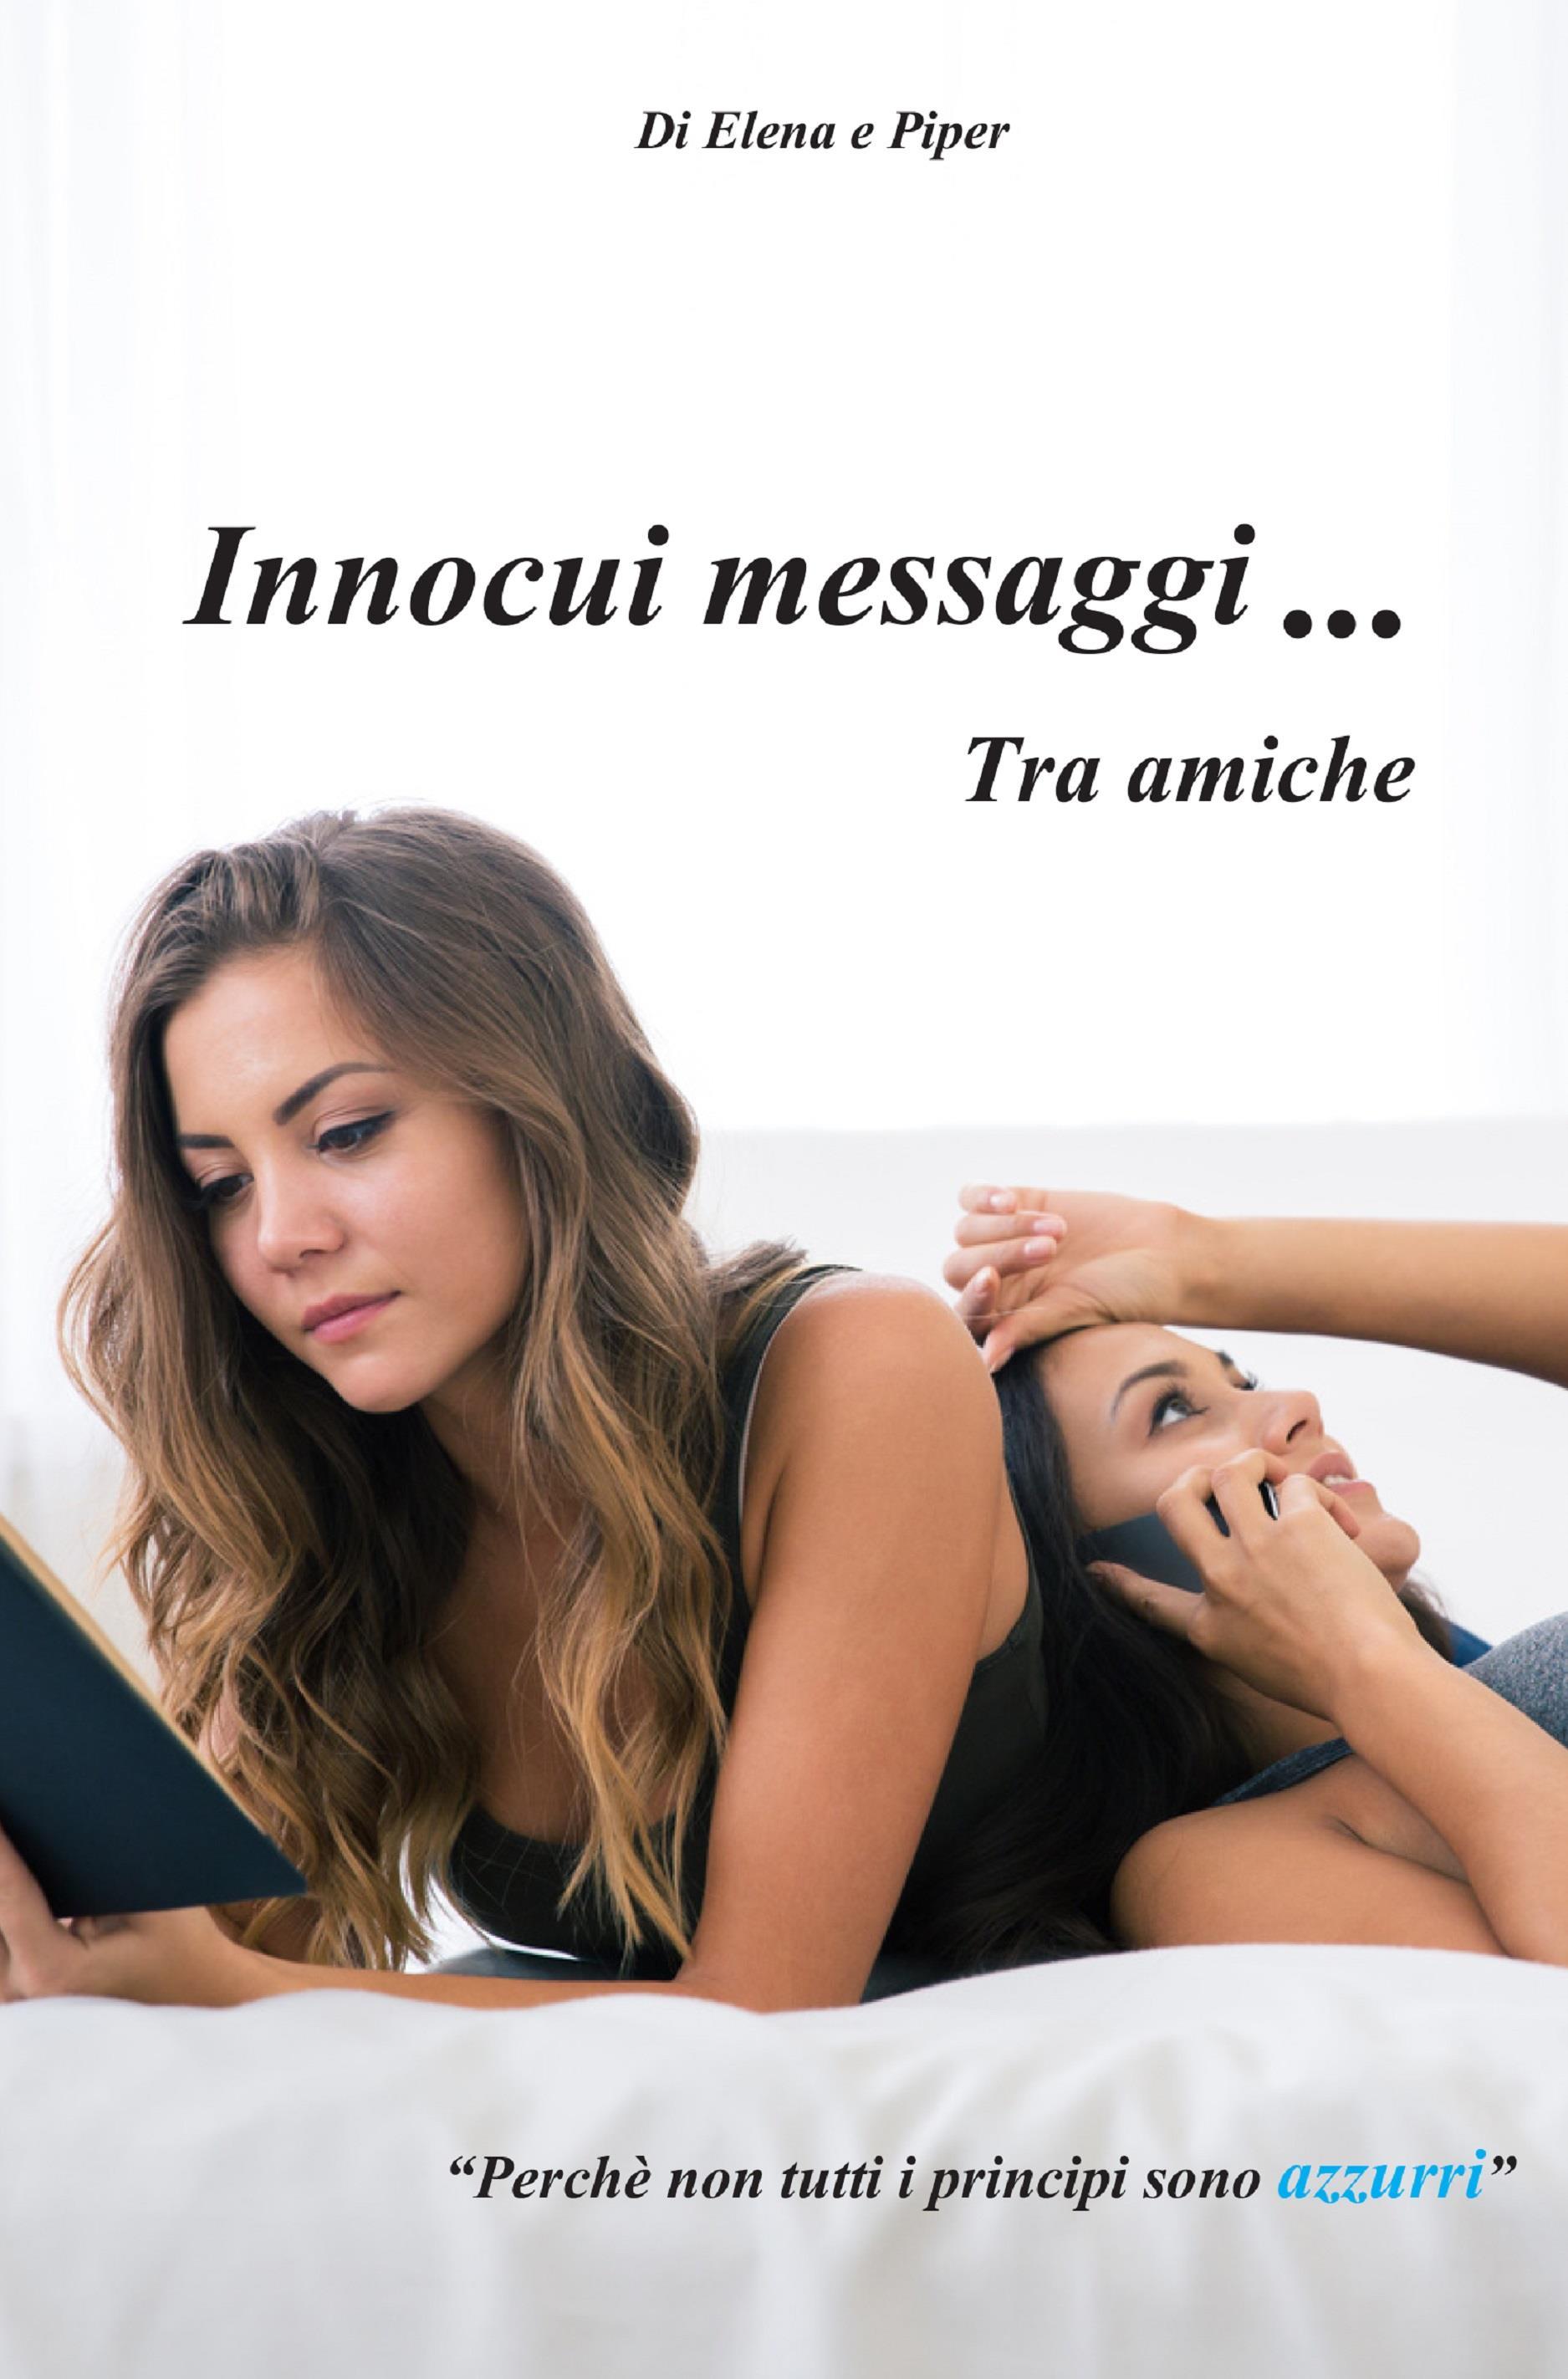 Innocui messaggi tra amiche